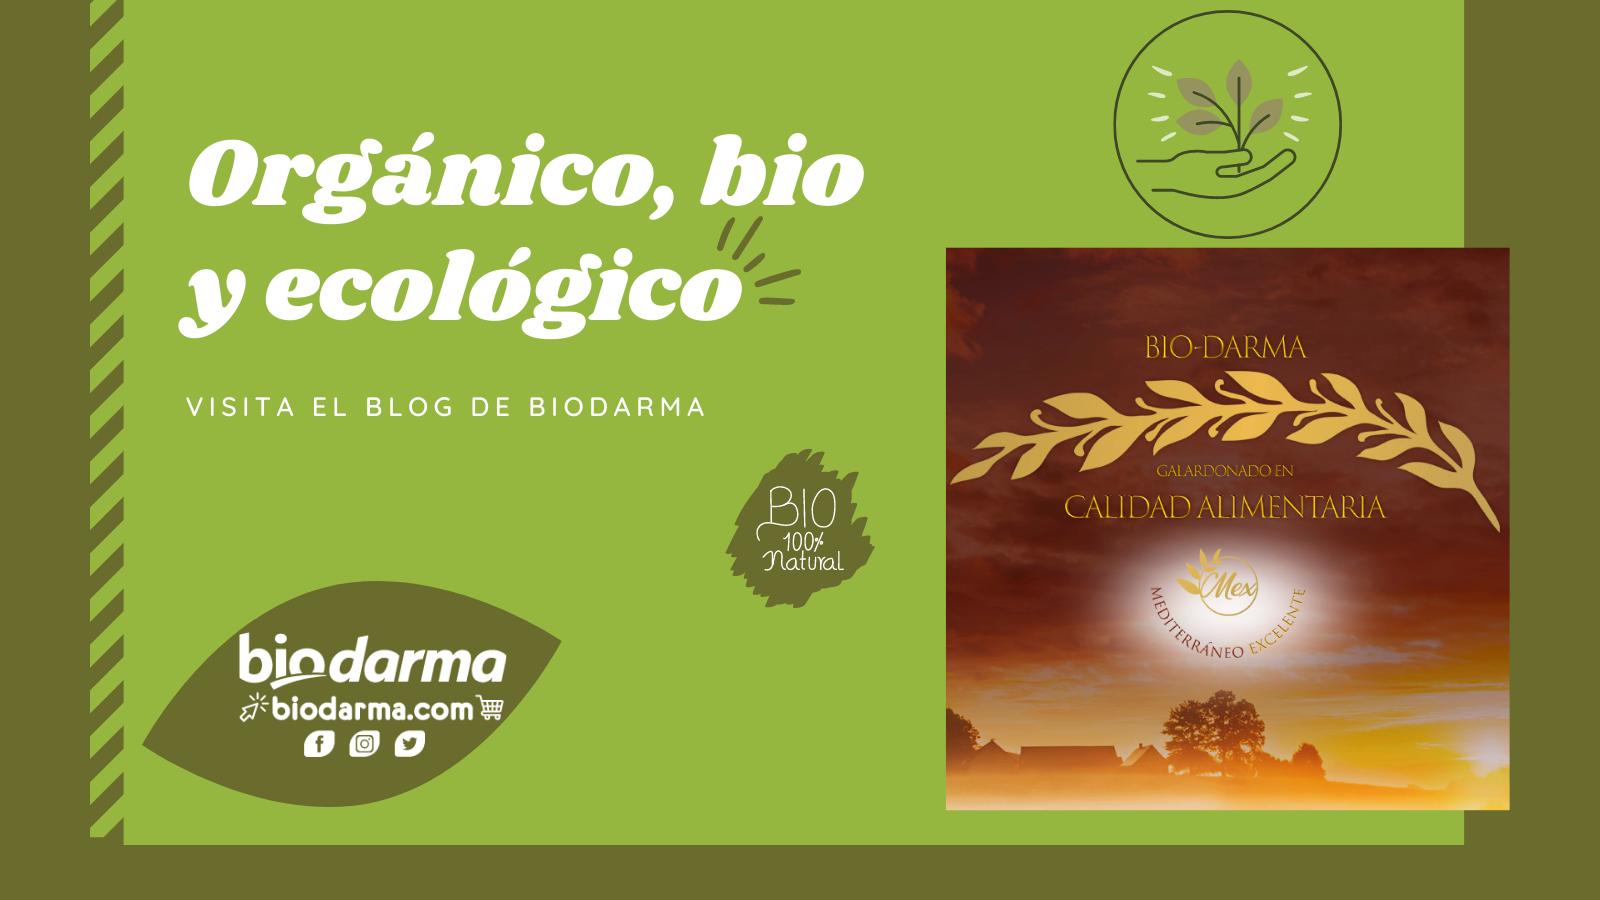 Galletas y magdalenas biodarma orgánicas, bio y ecológicas